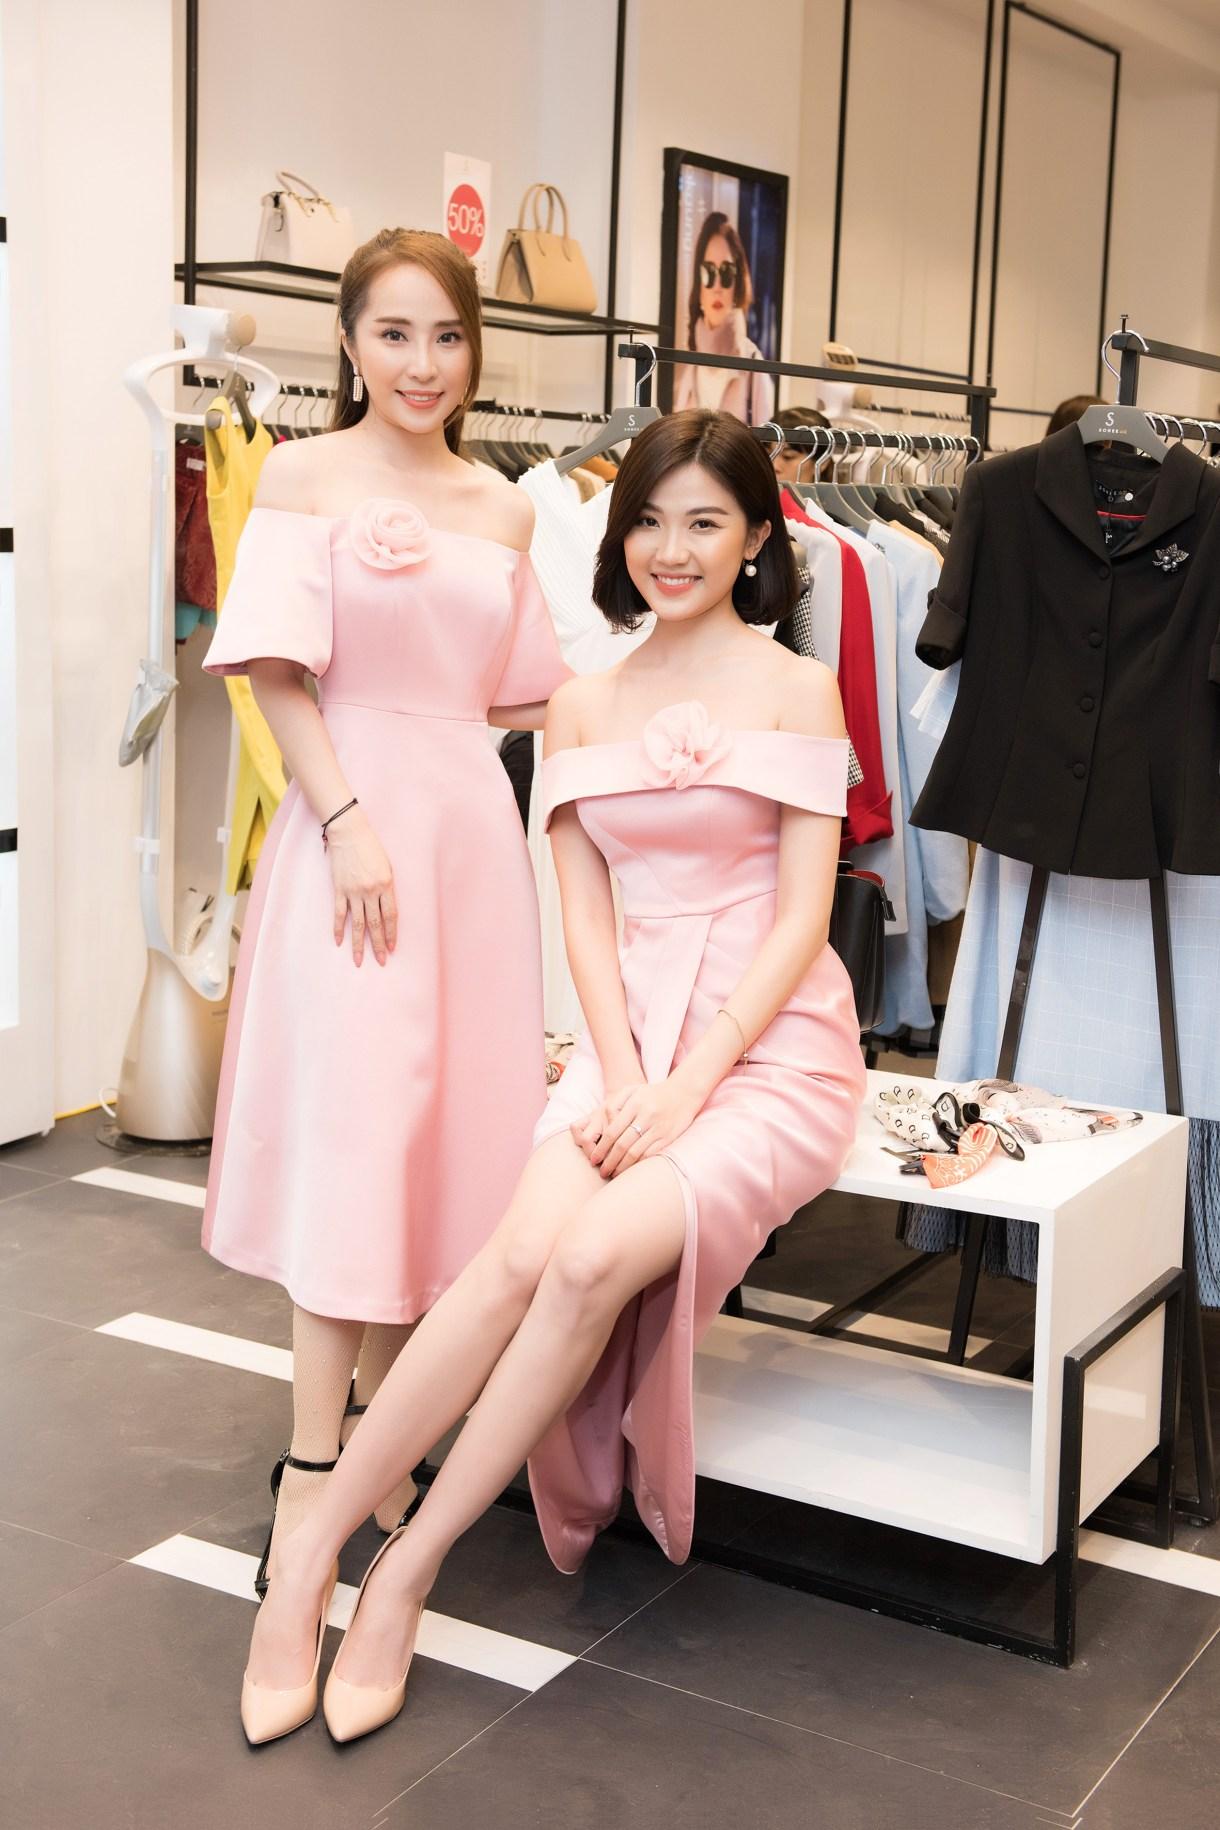 'Tiểu tam' Nhã - Quỳnh Nga 'đụng độ' cùng Trà - Lương Thanh tại sự kiện 3